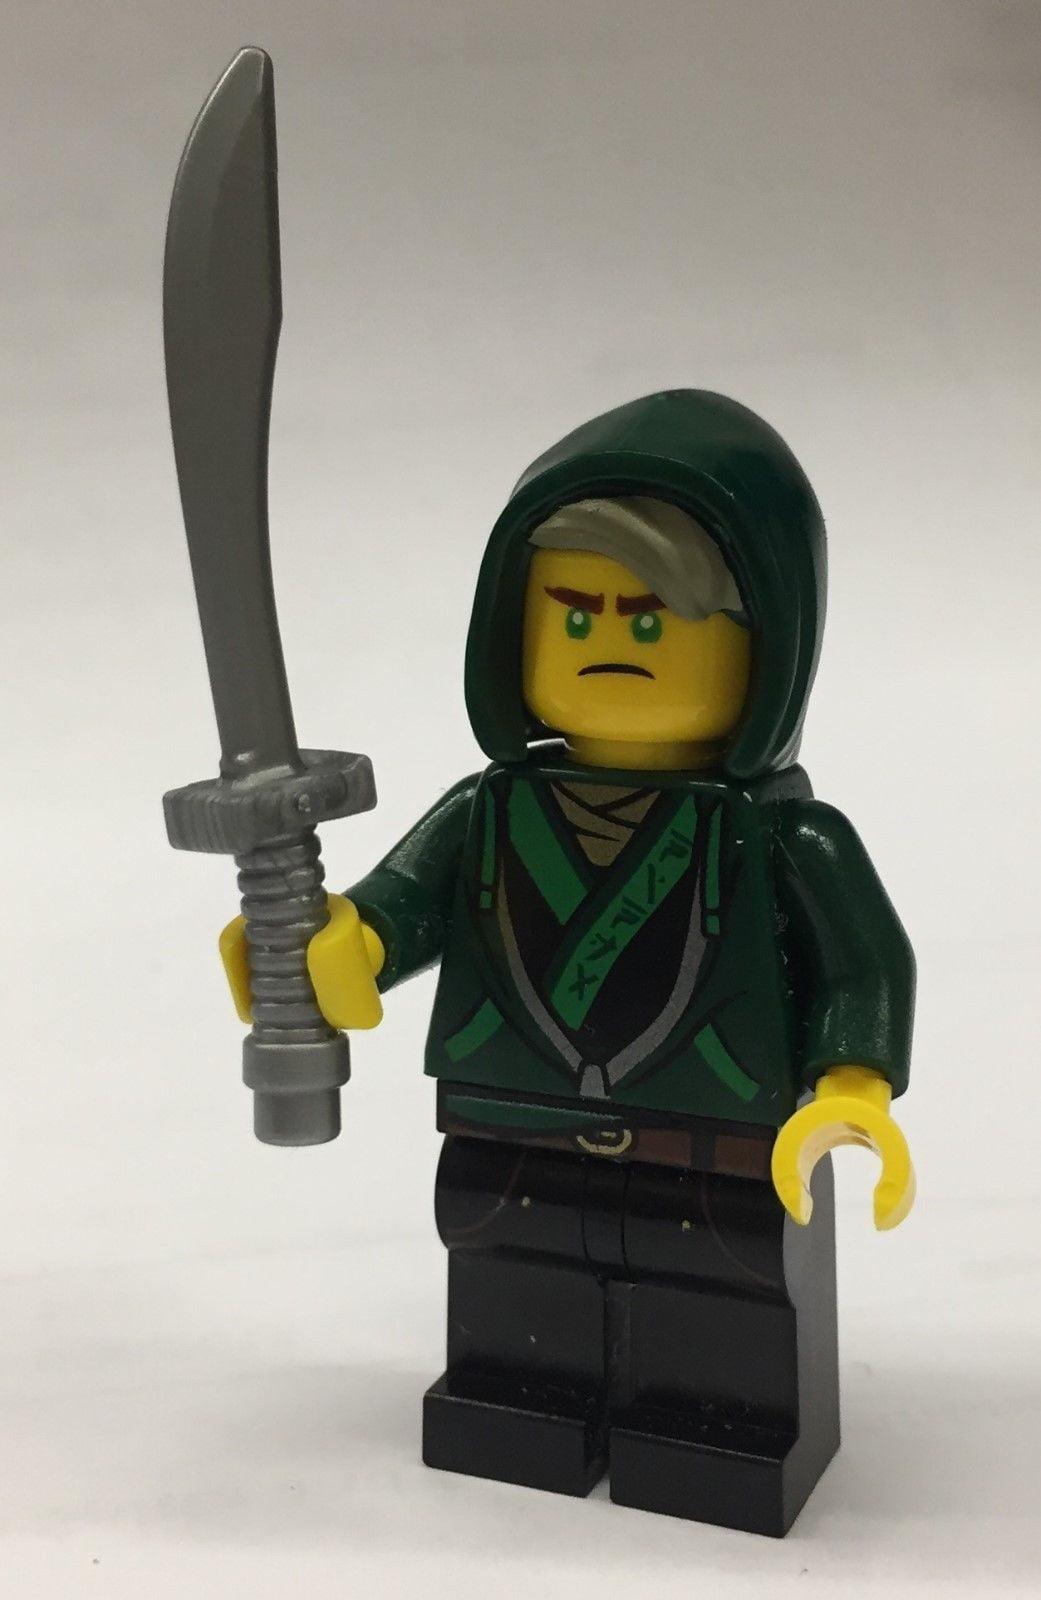 Lego Ninjago Lloyd Garmadon Minifigure From The Ninjago Movie Walmart Canada